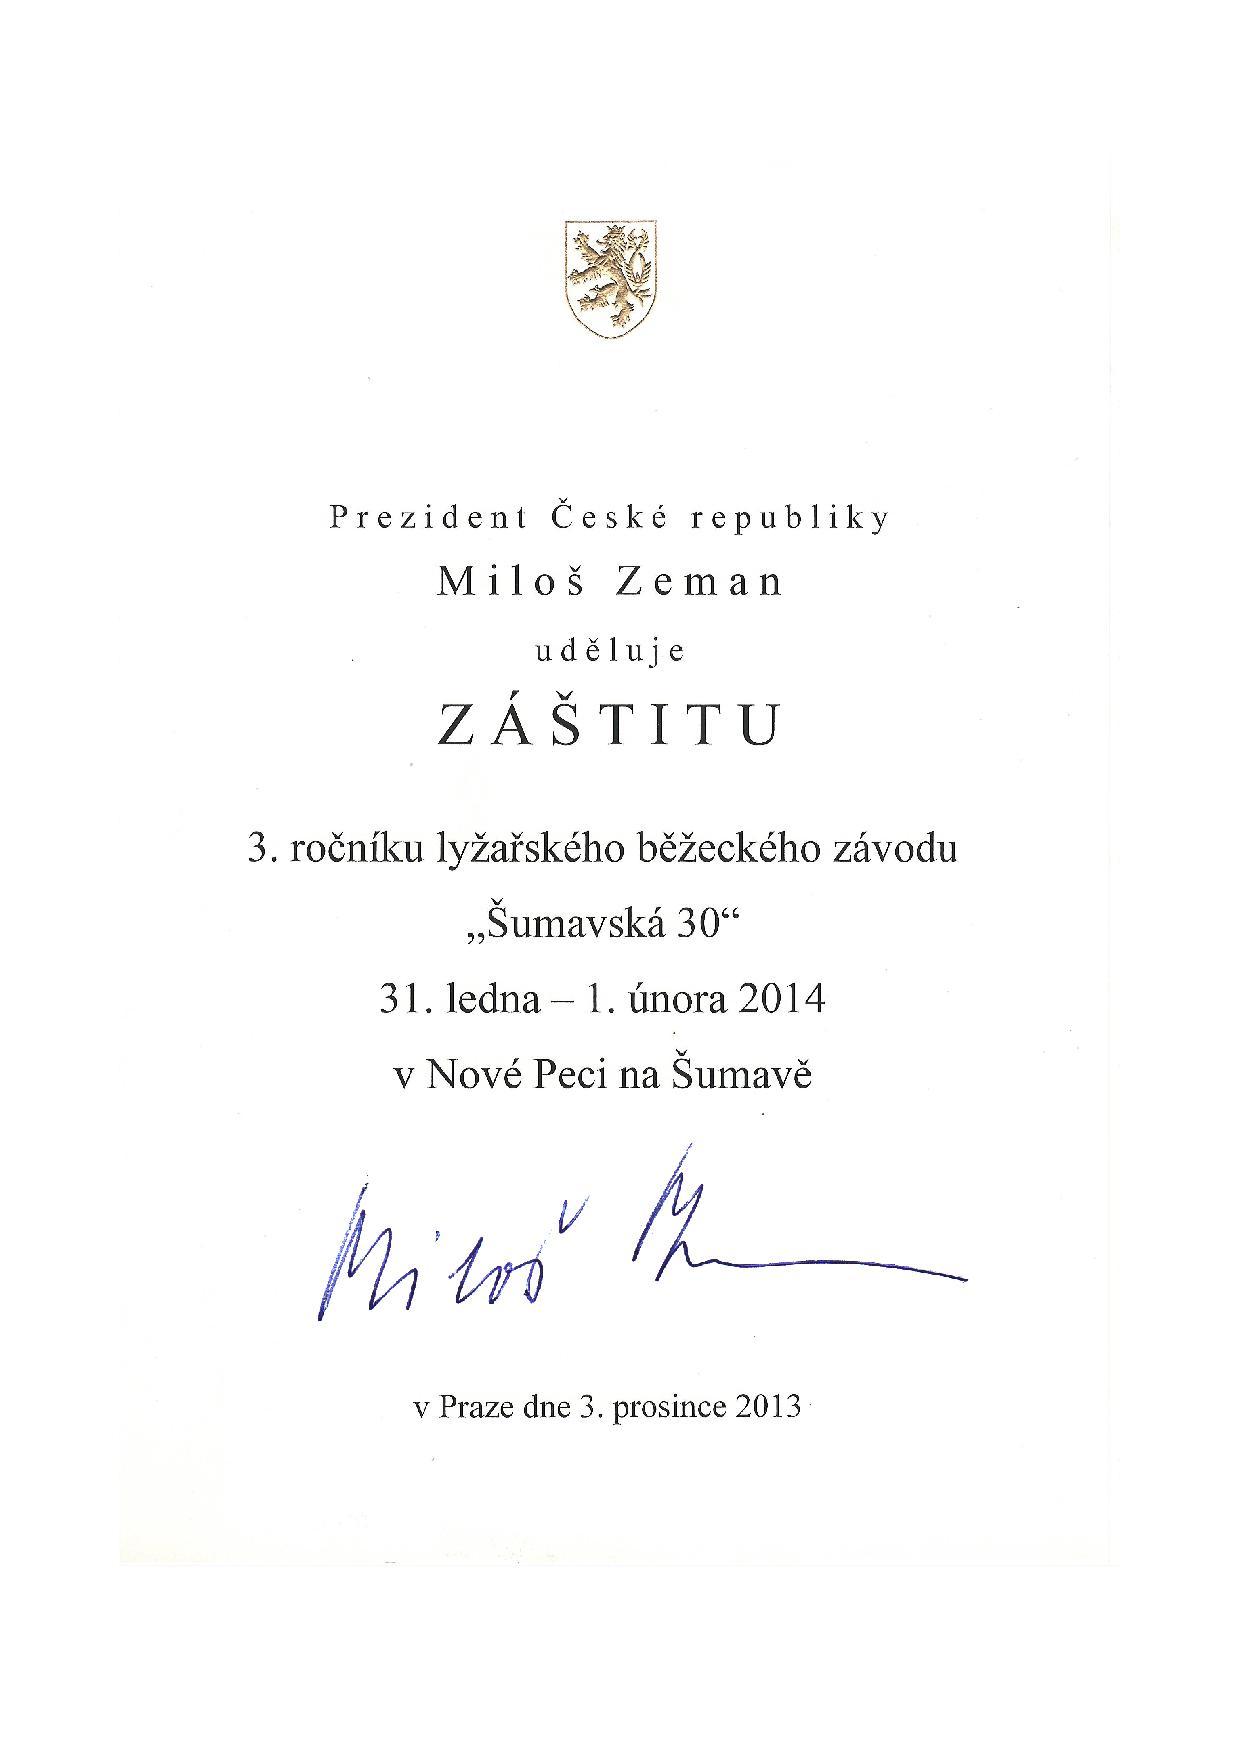 Záštita prezidenta ČR Miloše Zemana nad Šumavskou 30